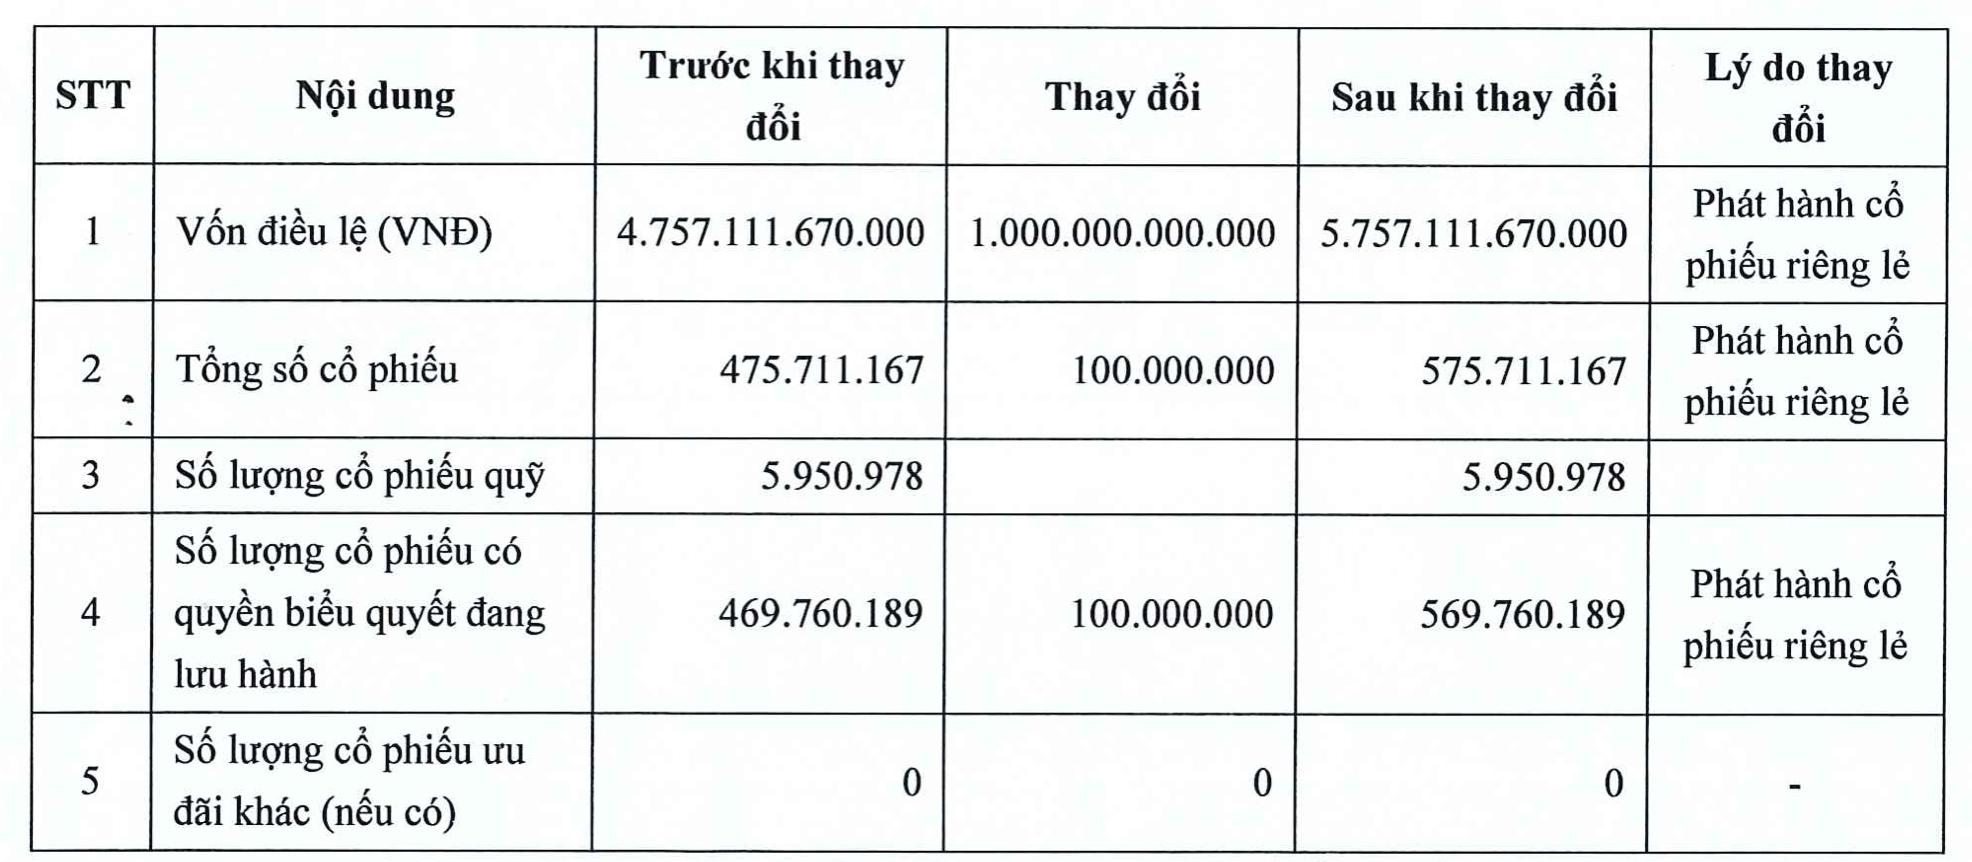 KBC chào bán 100 triệu cổ phiếu cho 8 NĐT, thu về gần 3.410 tỷ đồng - Ảnh 1.